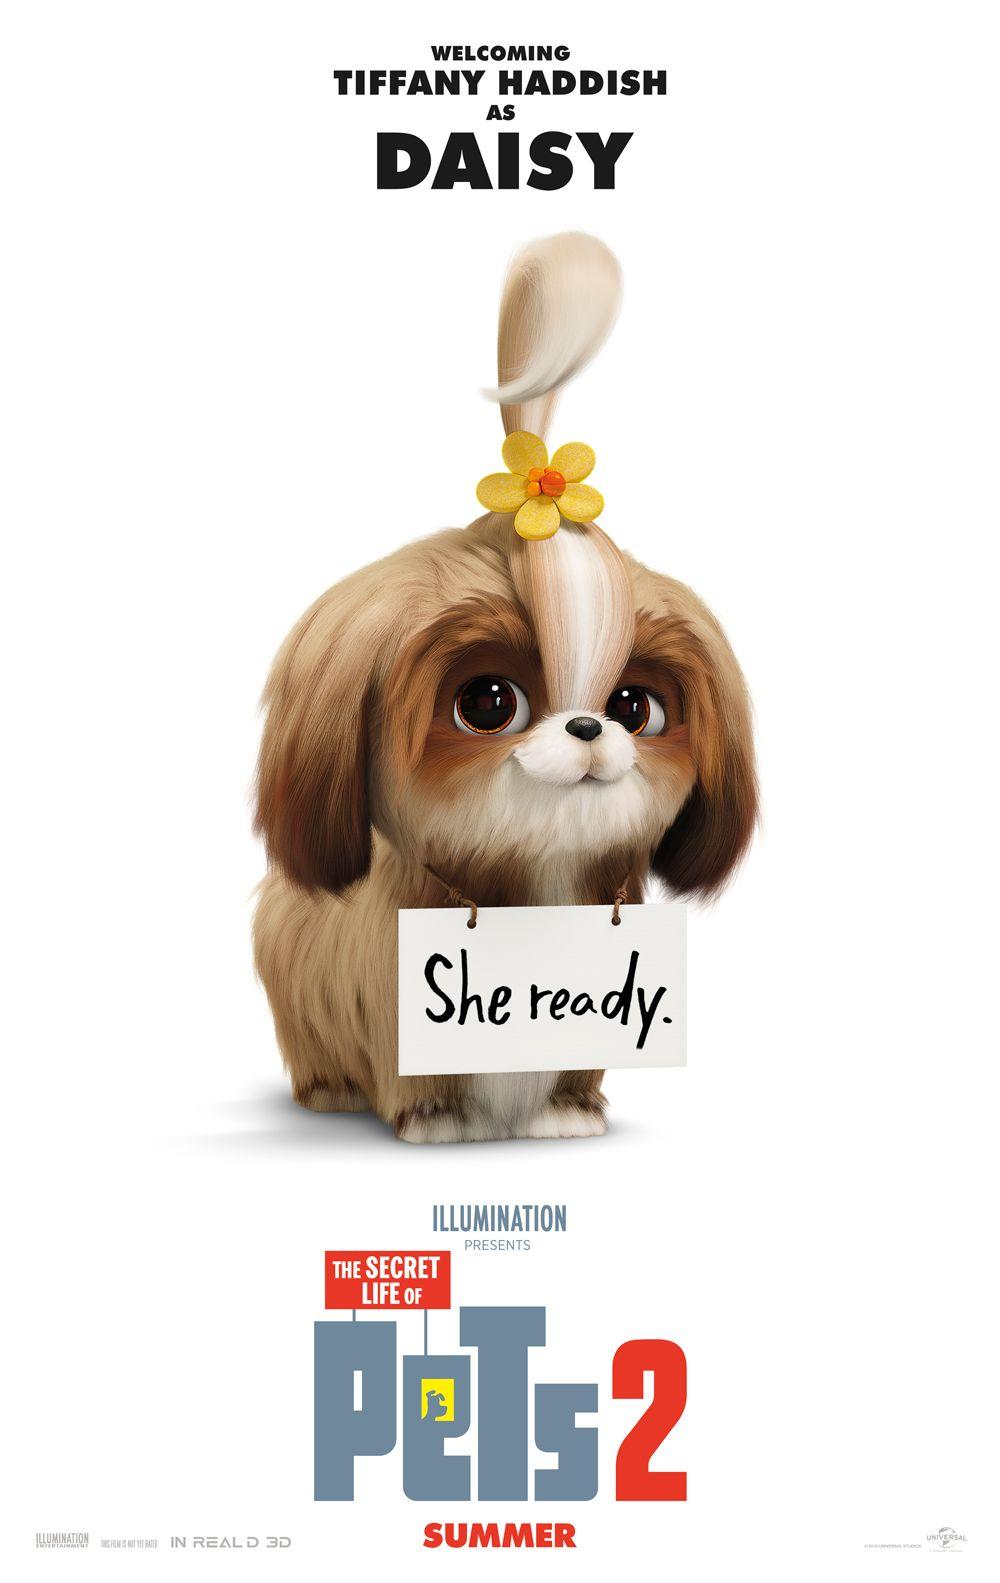 تیزر جدید انیمیشن زندگی پنهانی حیوانات خانگی ۲ | معرفی Daisy با صدای تیفانی هدیش